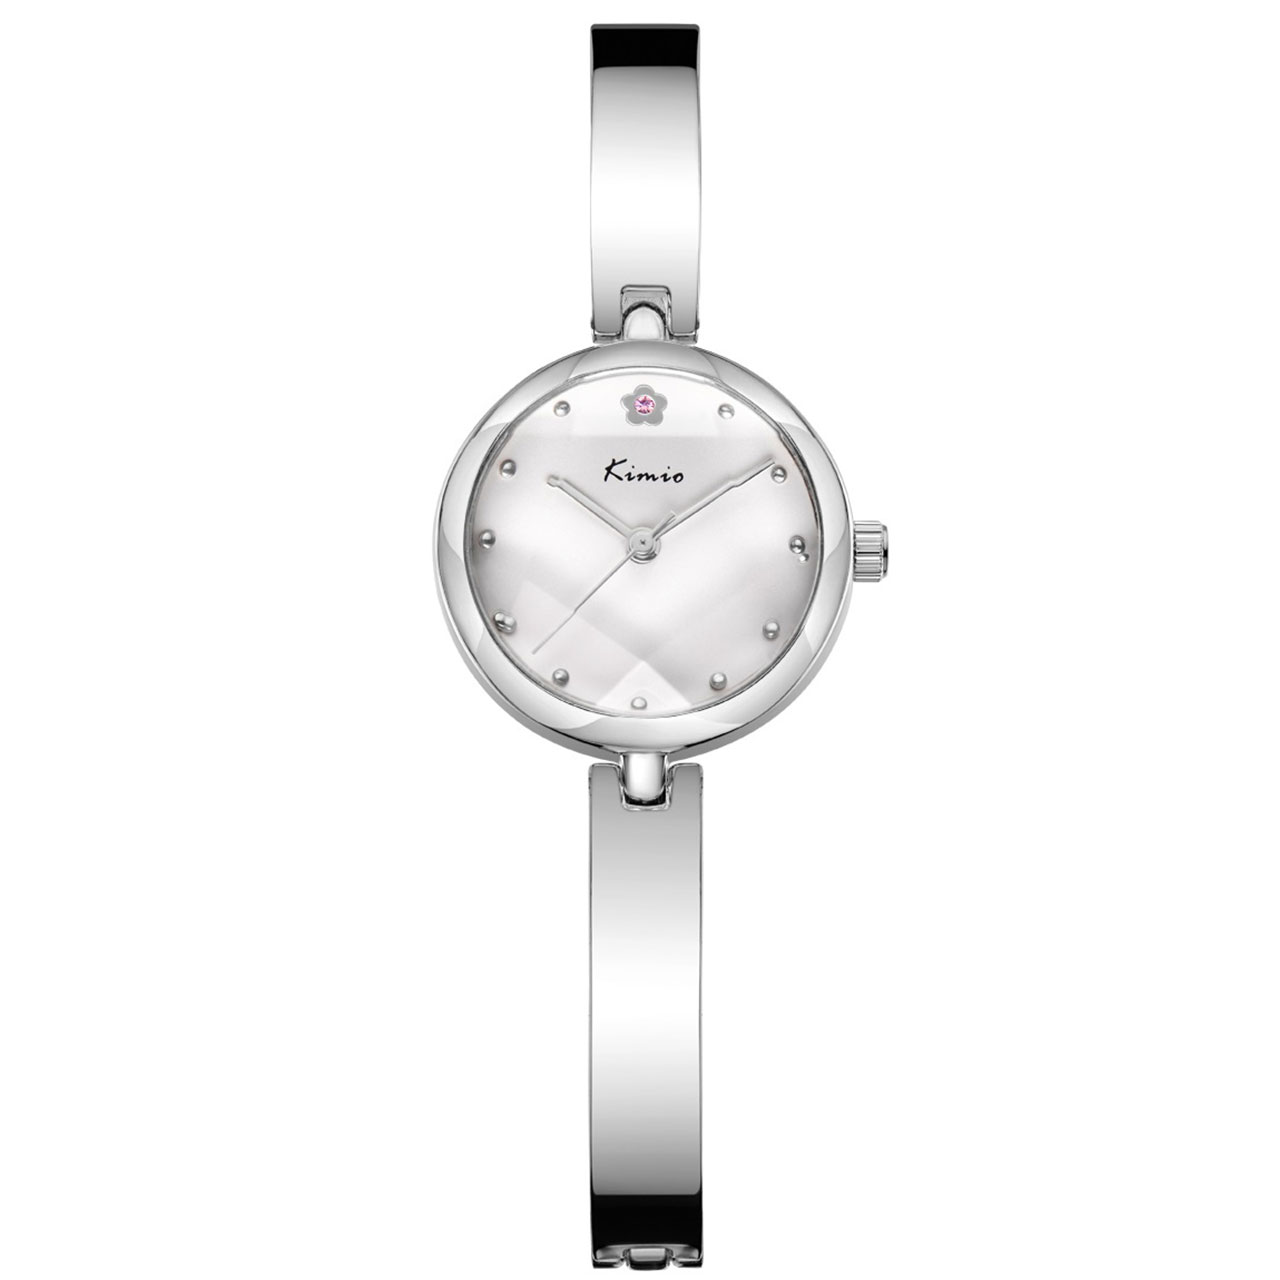 ساعت مچی عقربه ای زنانه کیمیو مدل K6211S-GD1WWW 42